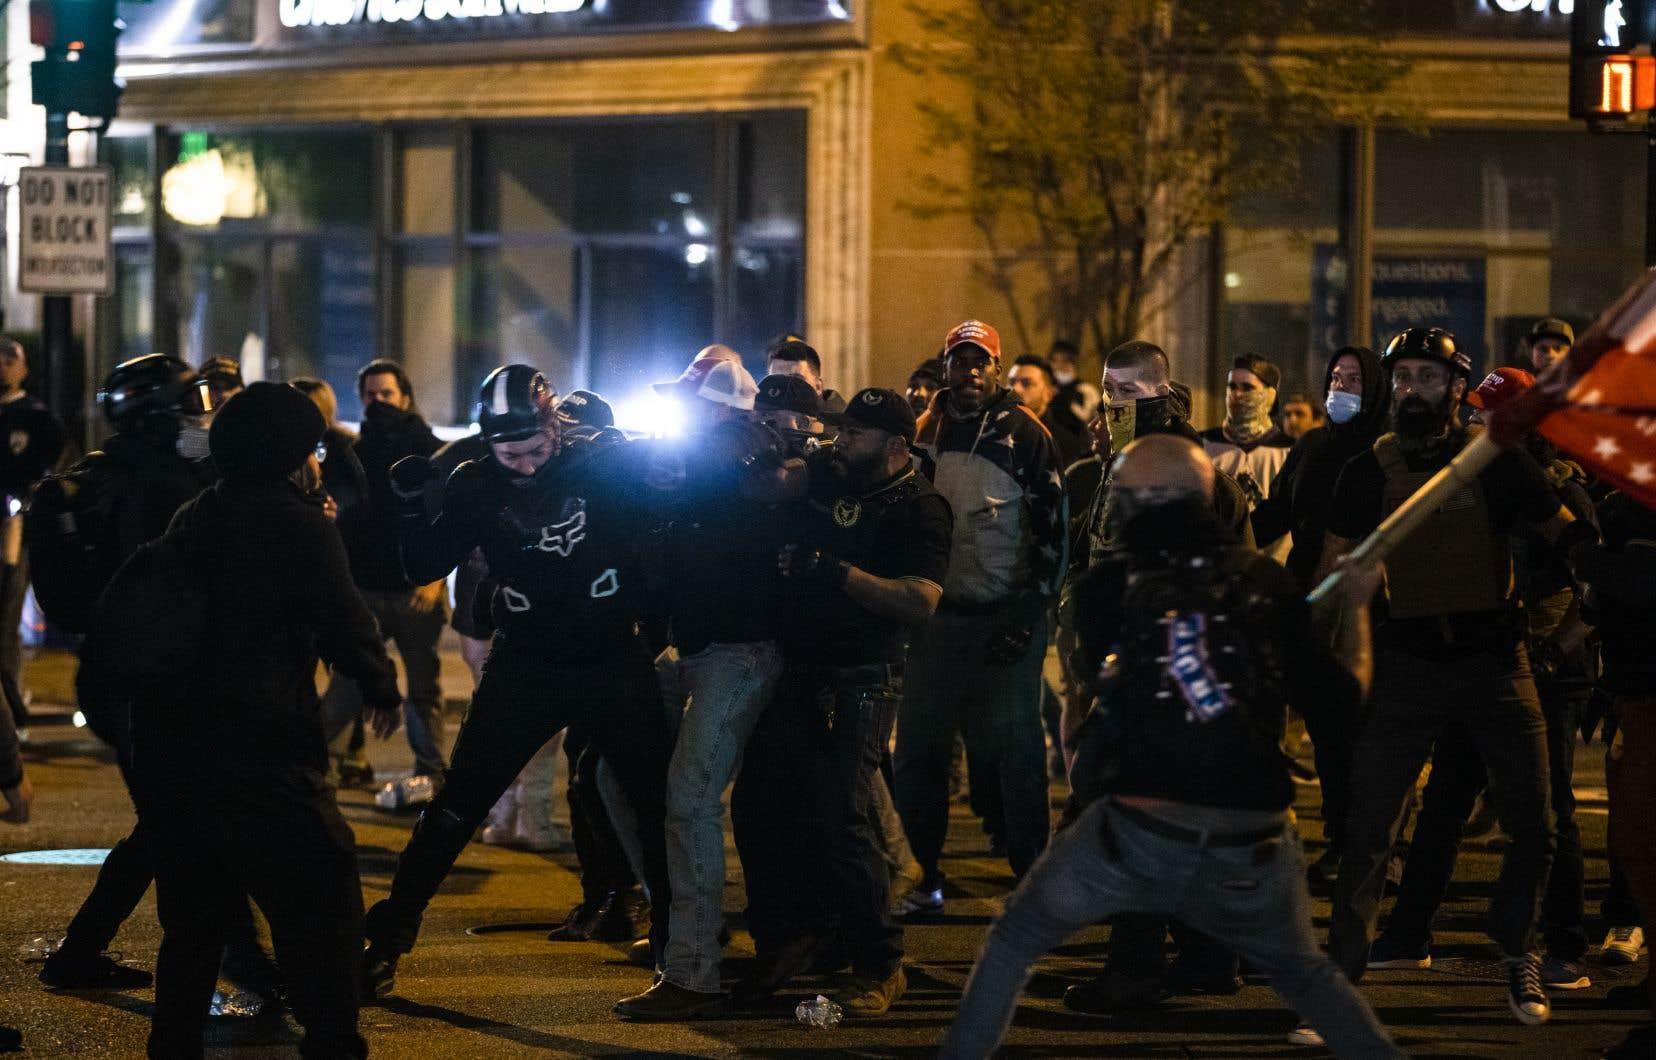 Des heurts entre partisans de M.Trump mécontents des résultats de l'élection présidentielle, contre-manifestants et policiers ont eu lieu dans la nuit de samedi à dimanche à Washington.